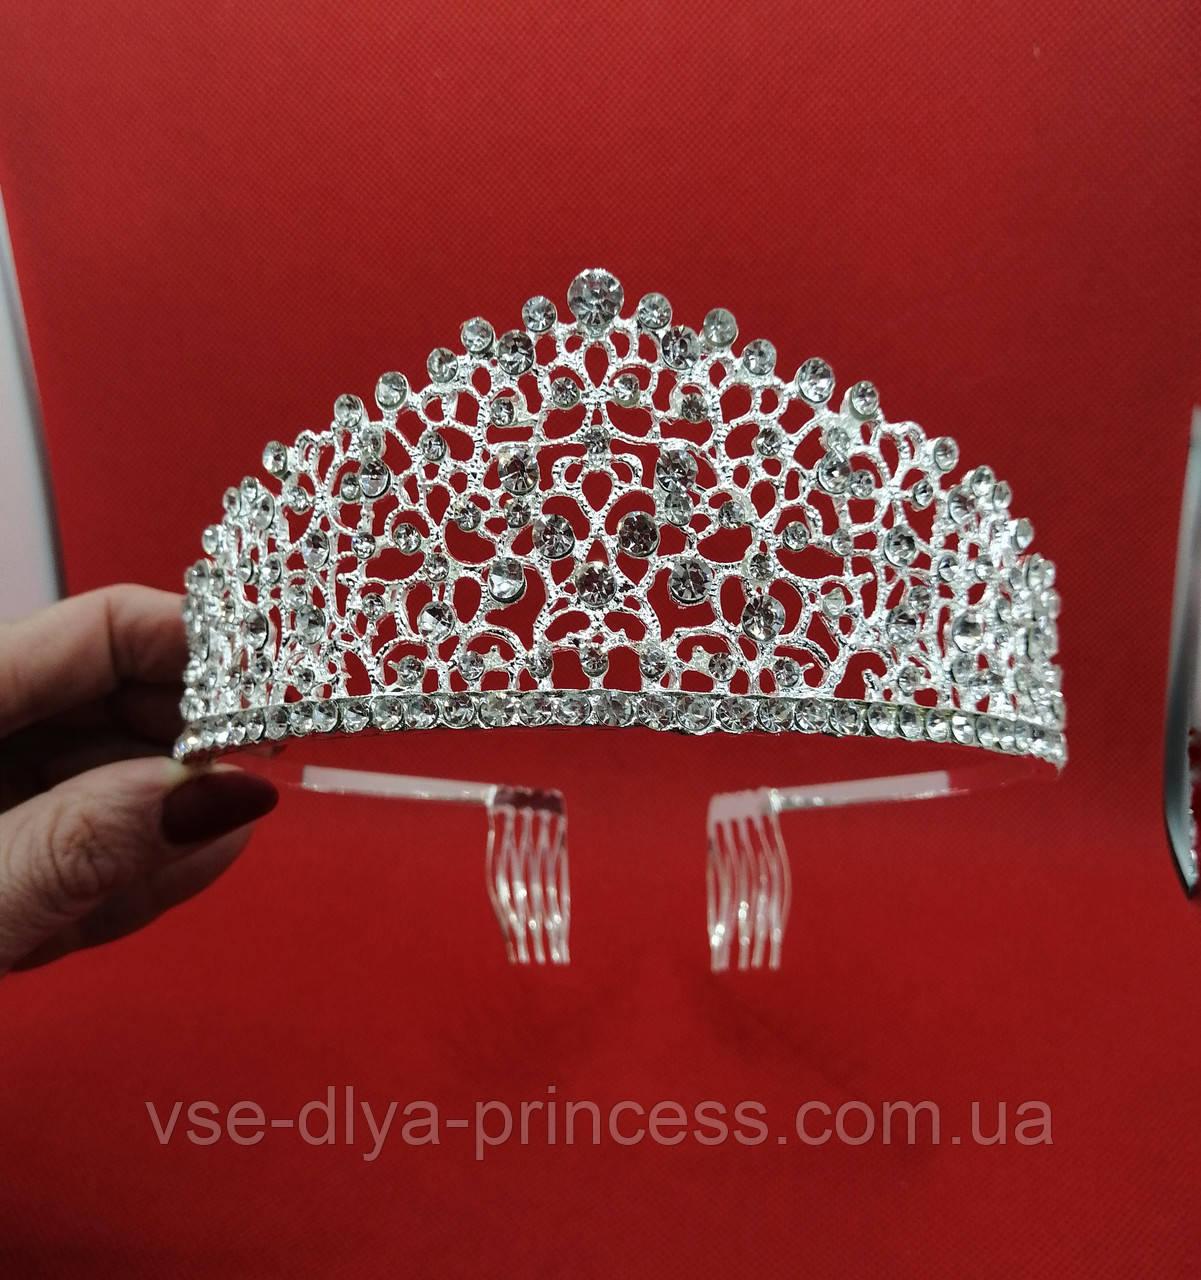 Диадема под серебро, детская корона, тиара, высота 6 см.